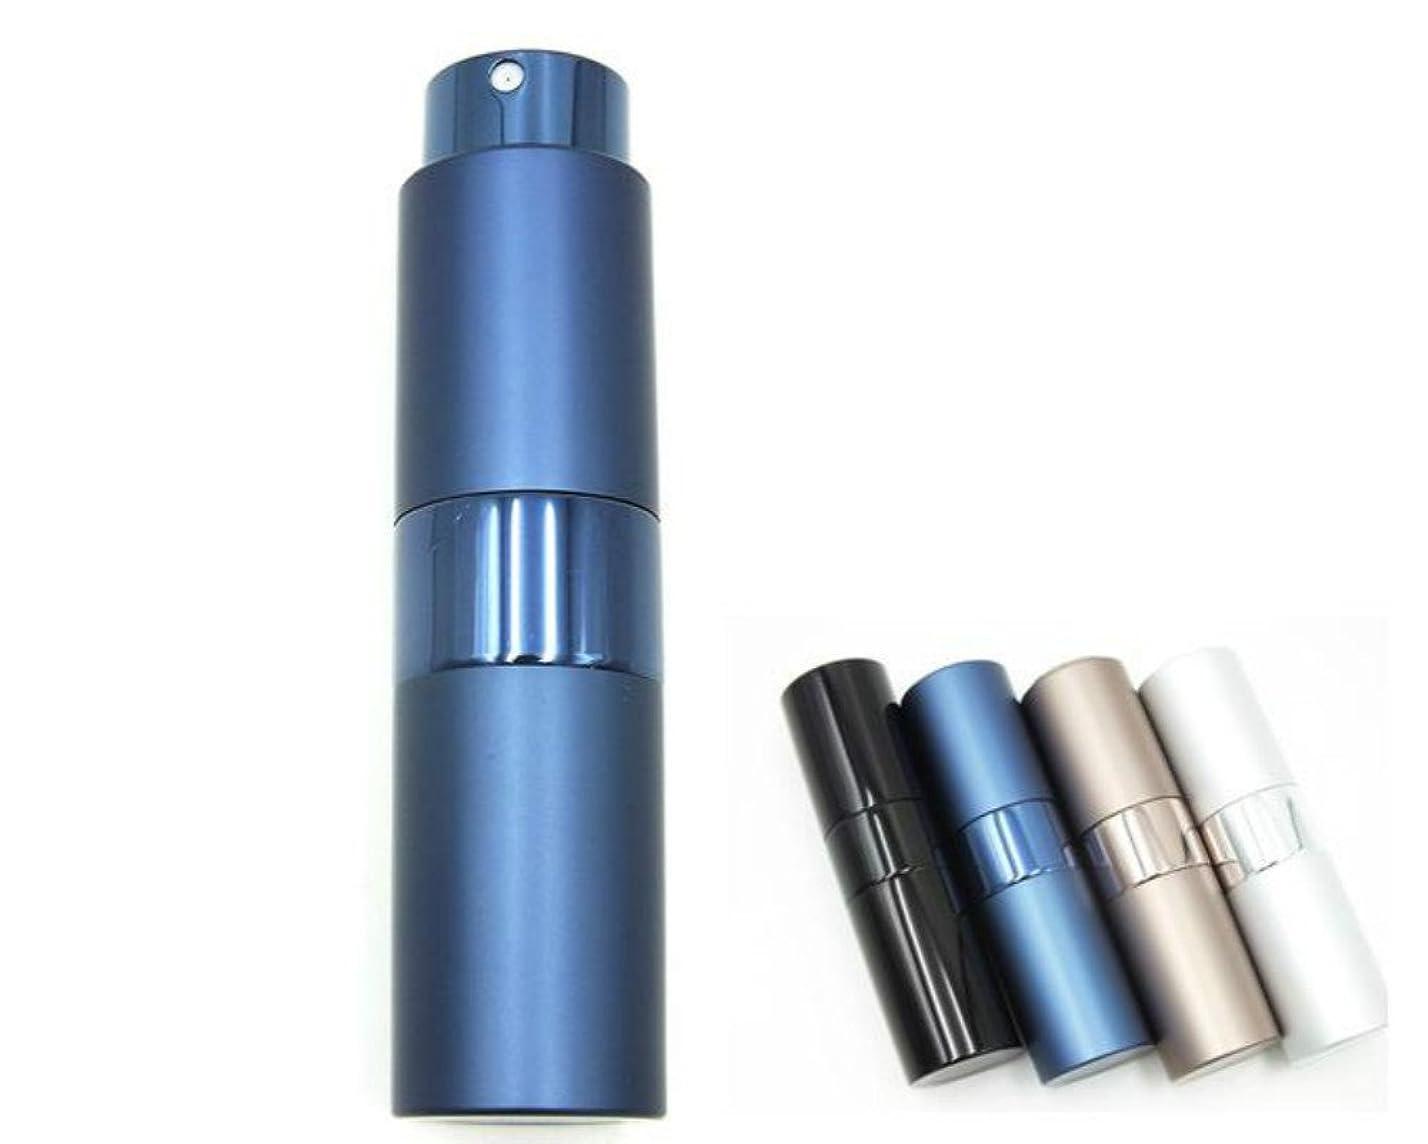 タイプ遠近法グリーンバックShopXJ 香水 メンズ アトマイザー 大人 男性 プッシュ式 詰め替え 持ち運び 身だしなみ 携帯用 15ml (ネイビー)